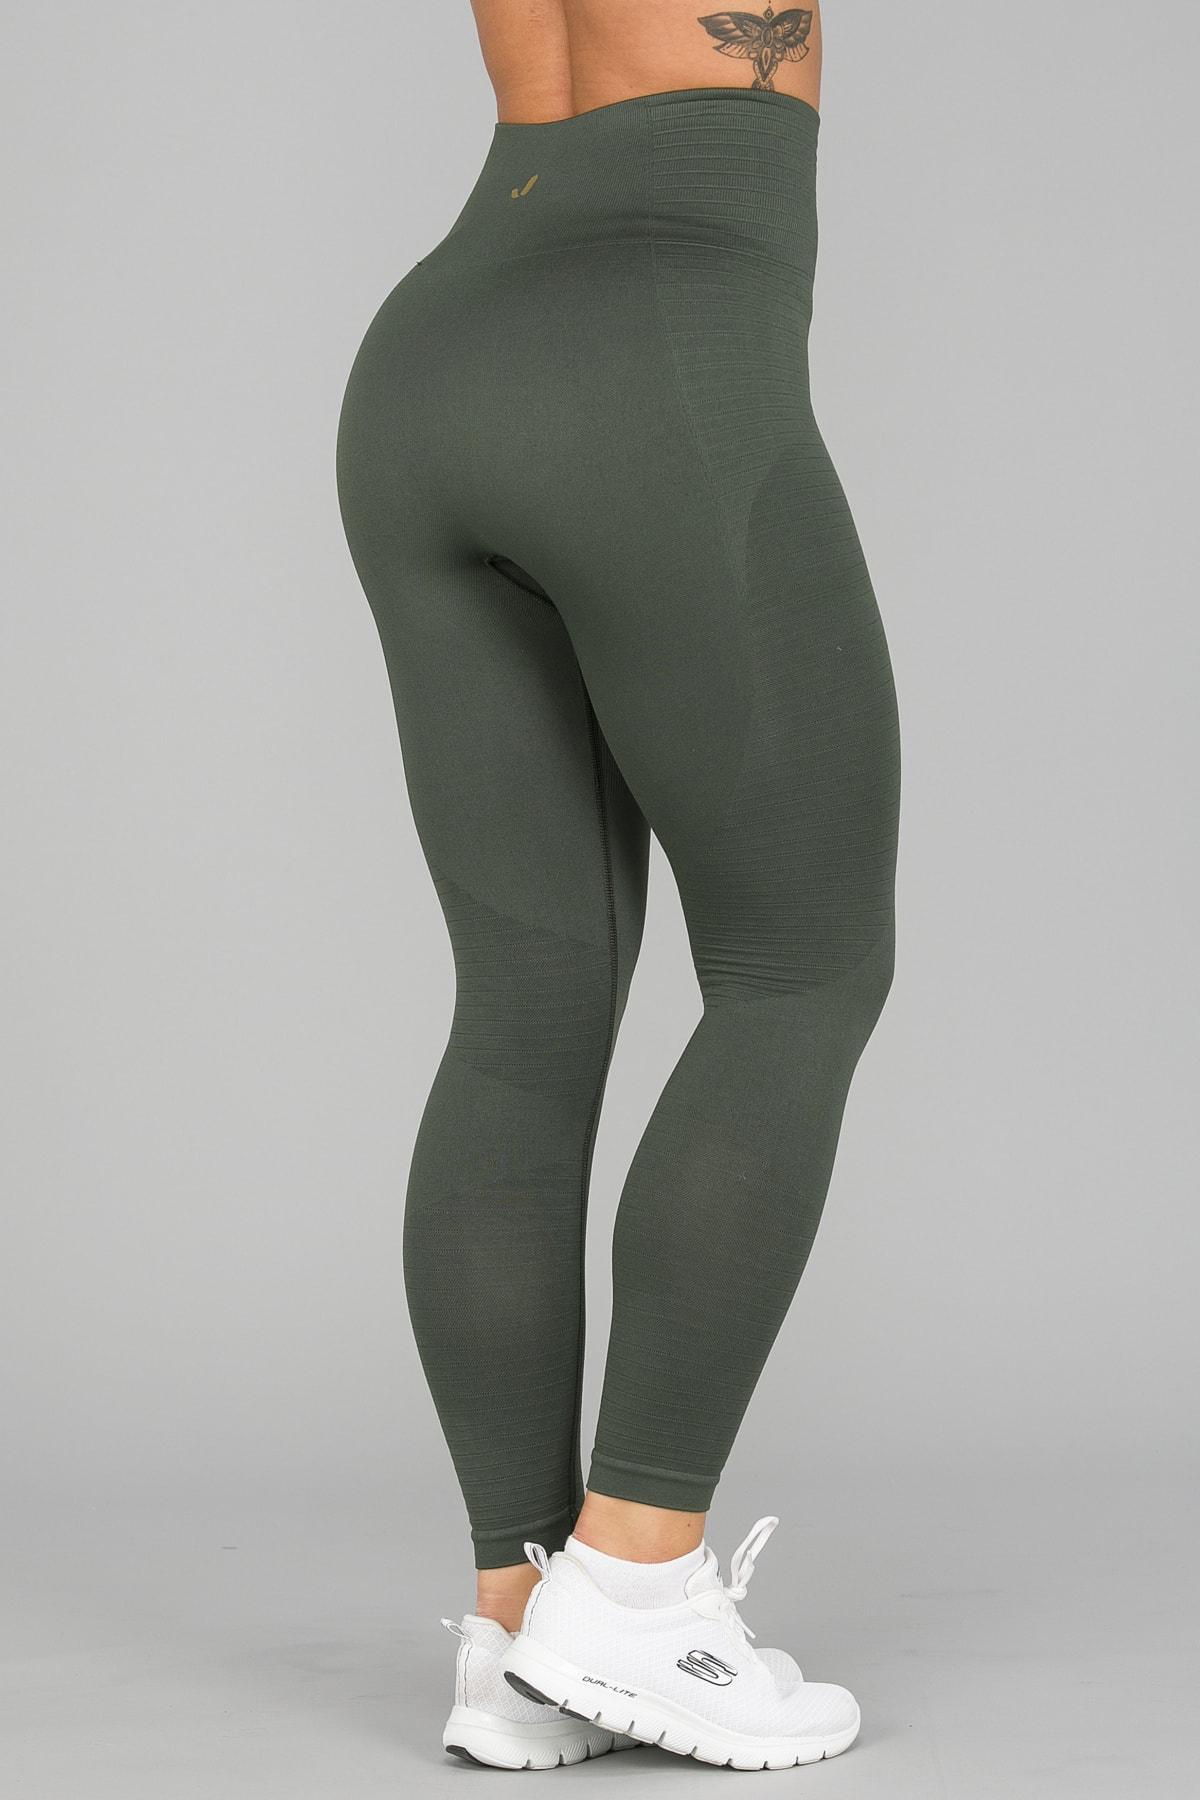 Jerf Gela 2.0 tights dark green2